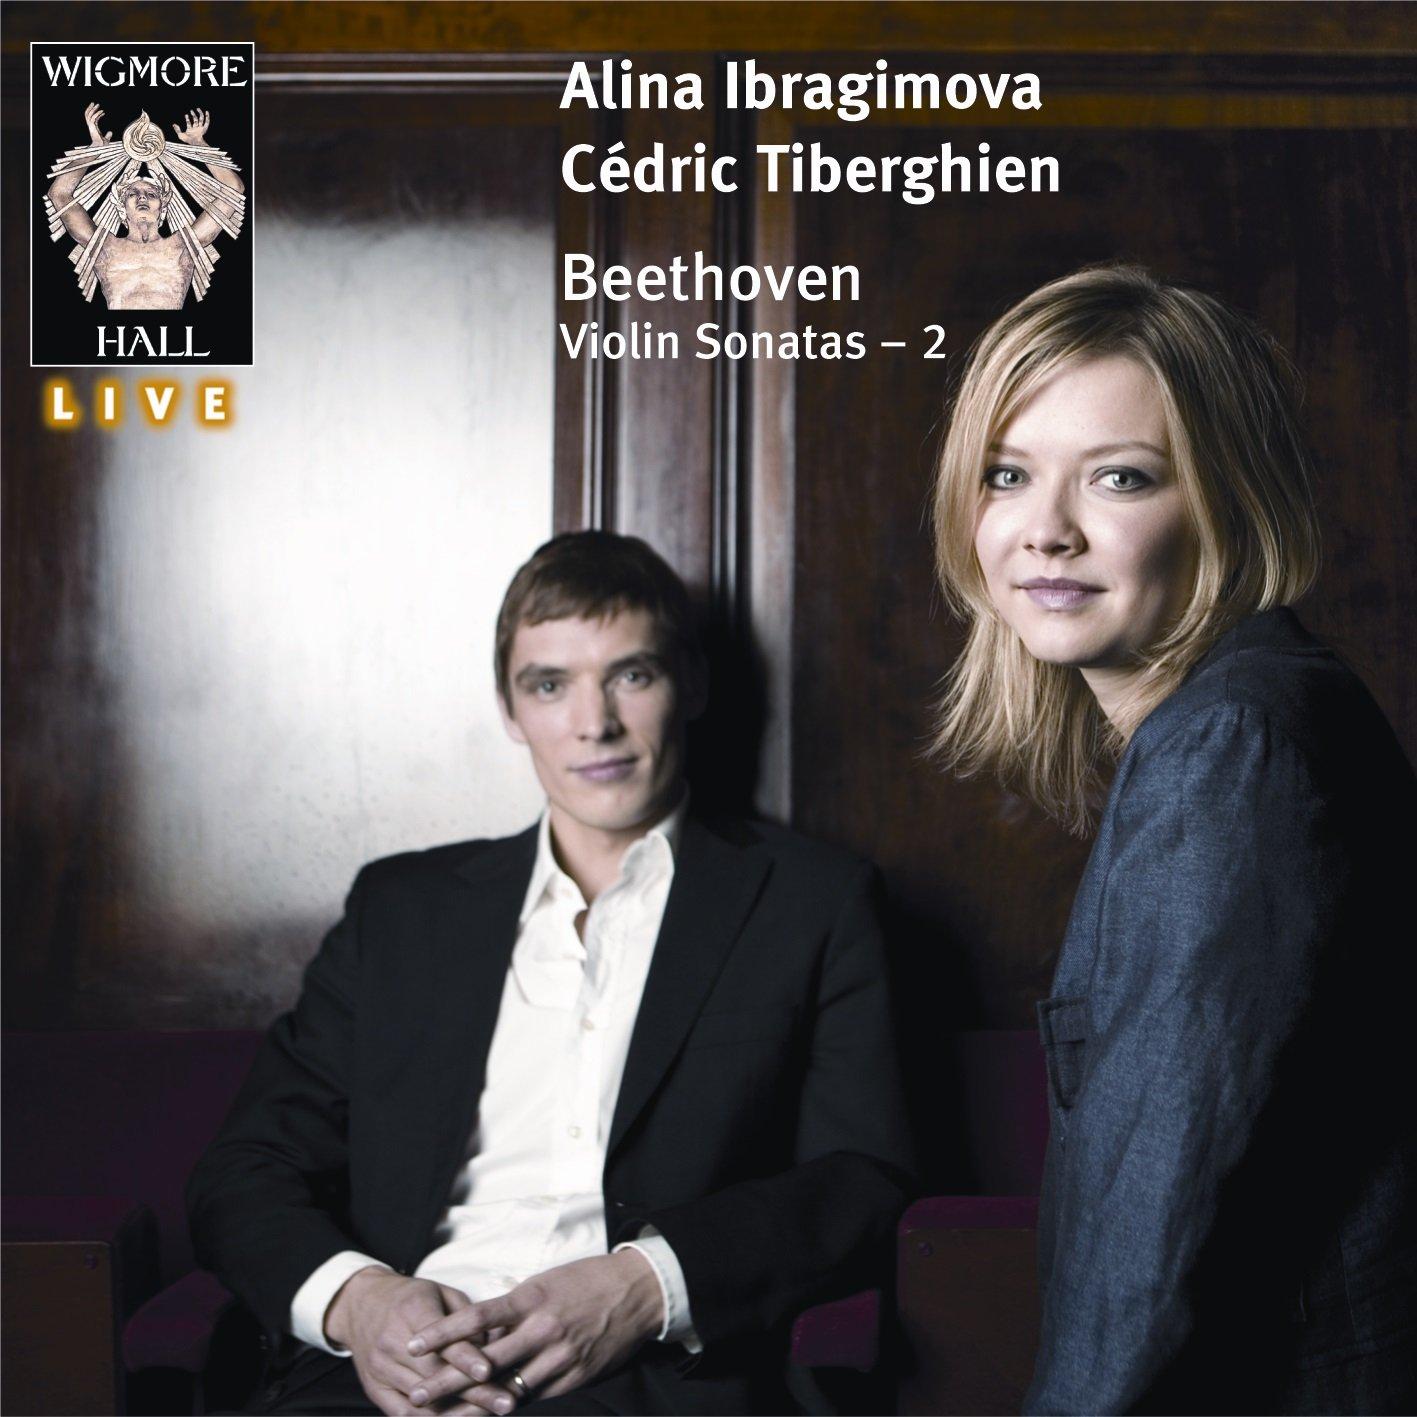 Beethoven: Violin Sonatas, Vol. 2 - Nos. 2, 5 & 10